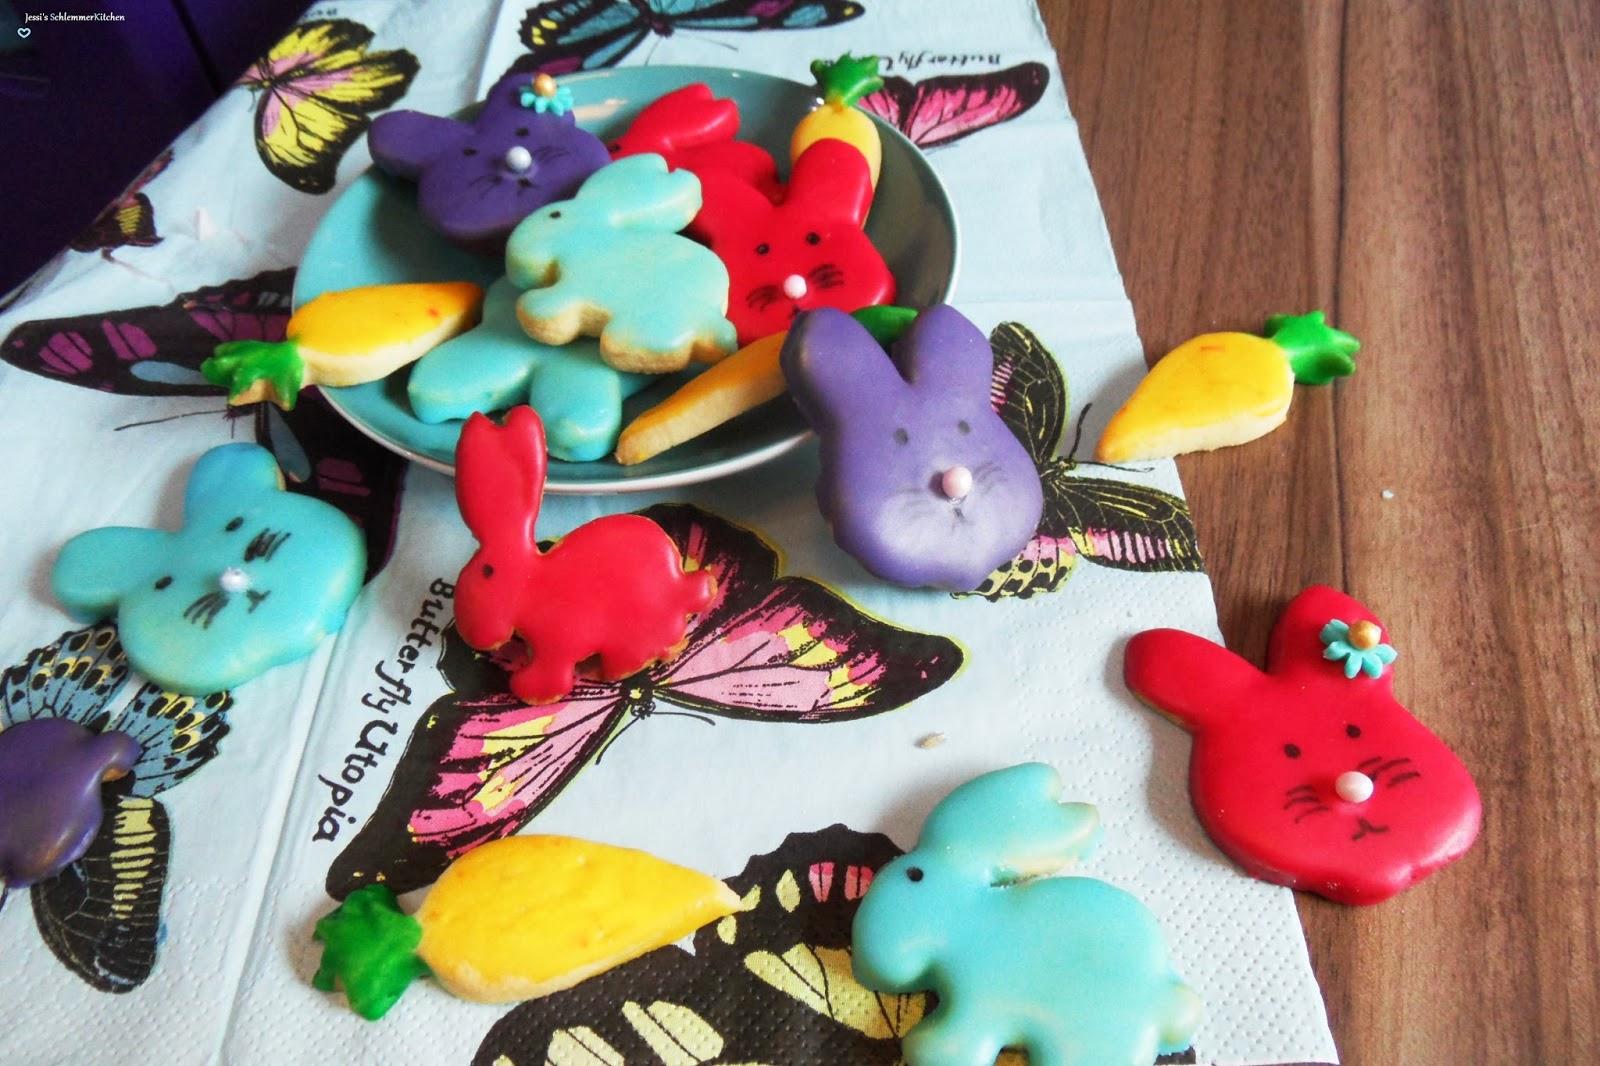 Imagemap:Ostern:Kekse